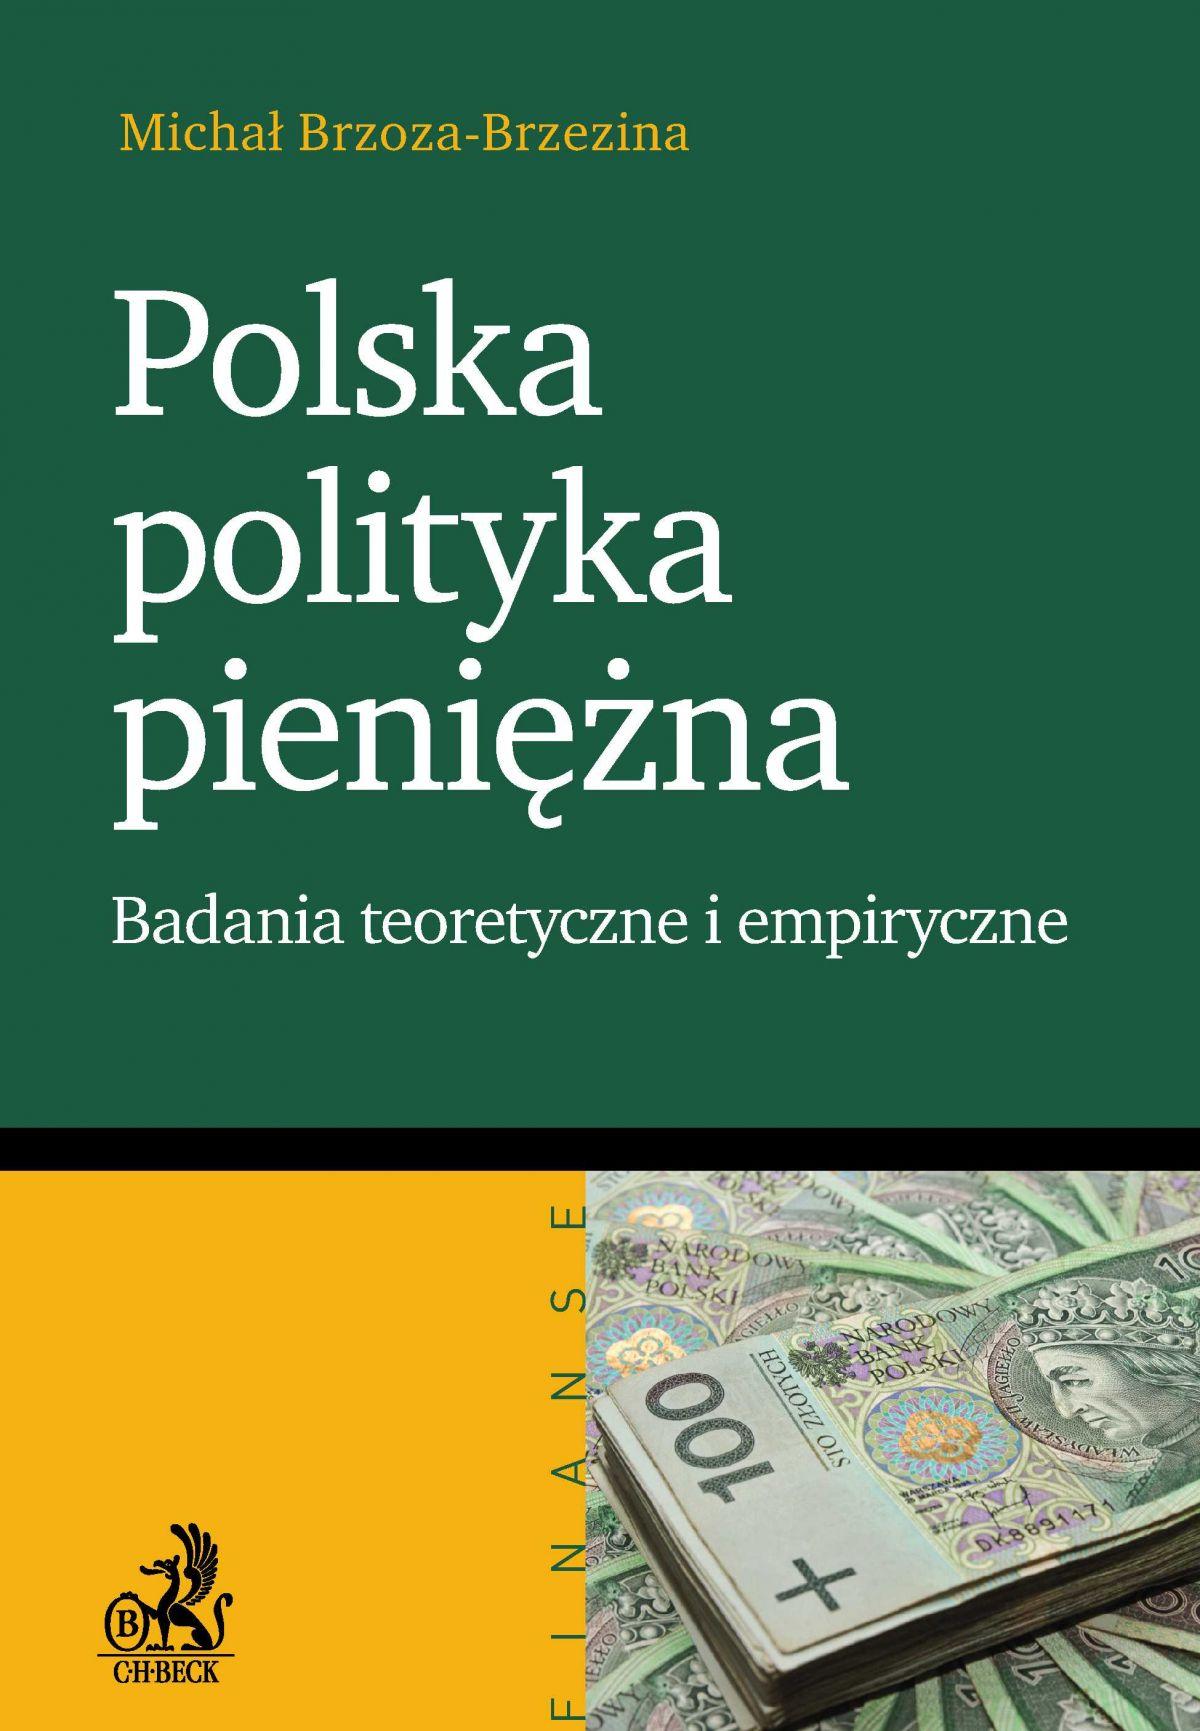 Polska polityka pieniężna Badanie teoretyczne i empiryczne - Ebook (Książka PDF) do pobrania w formacie PDF